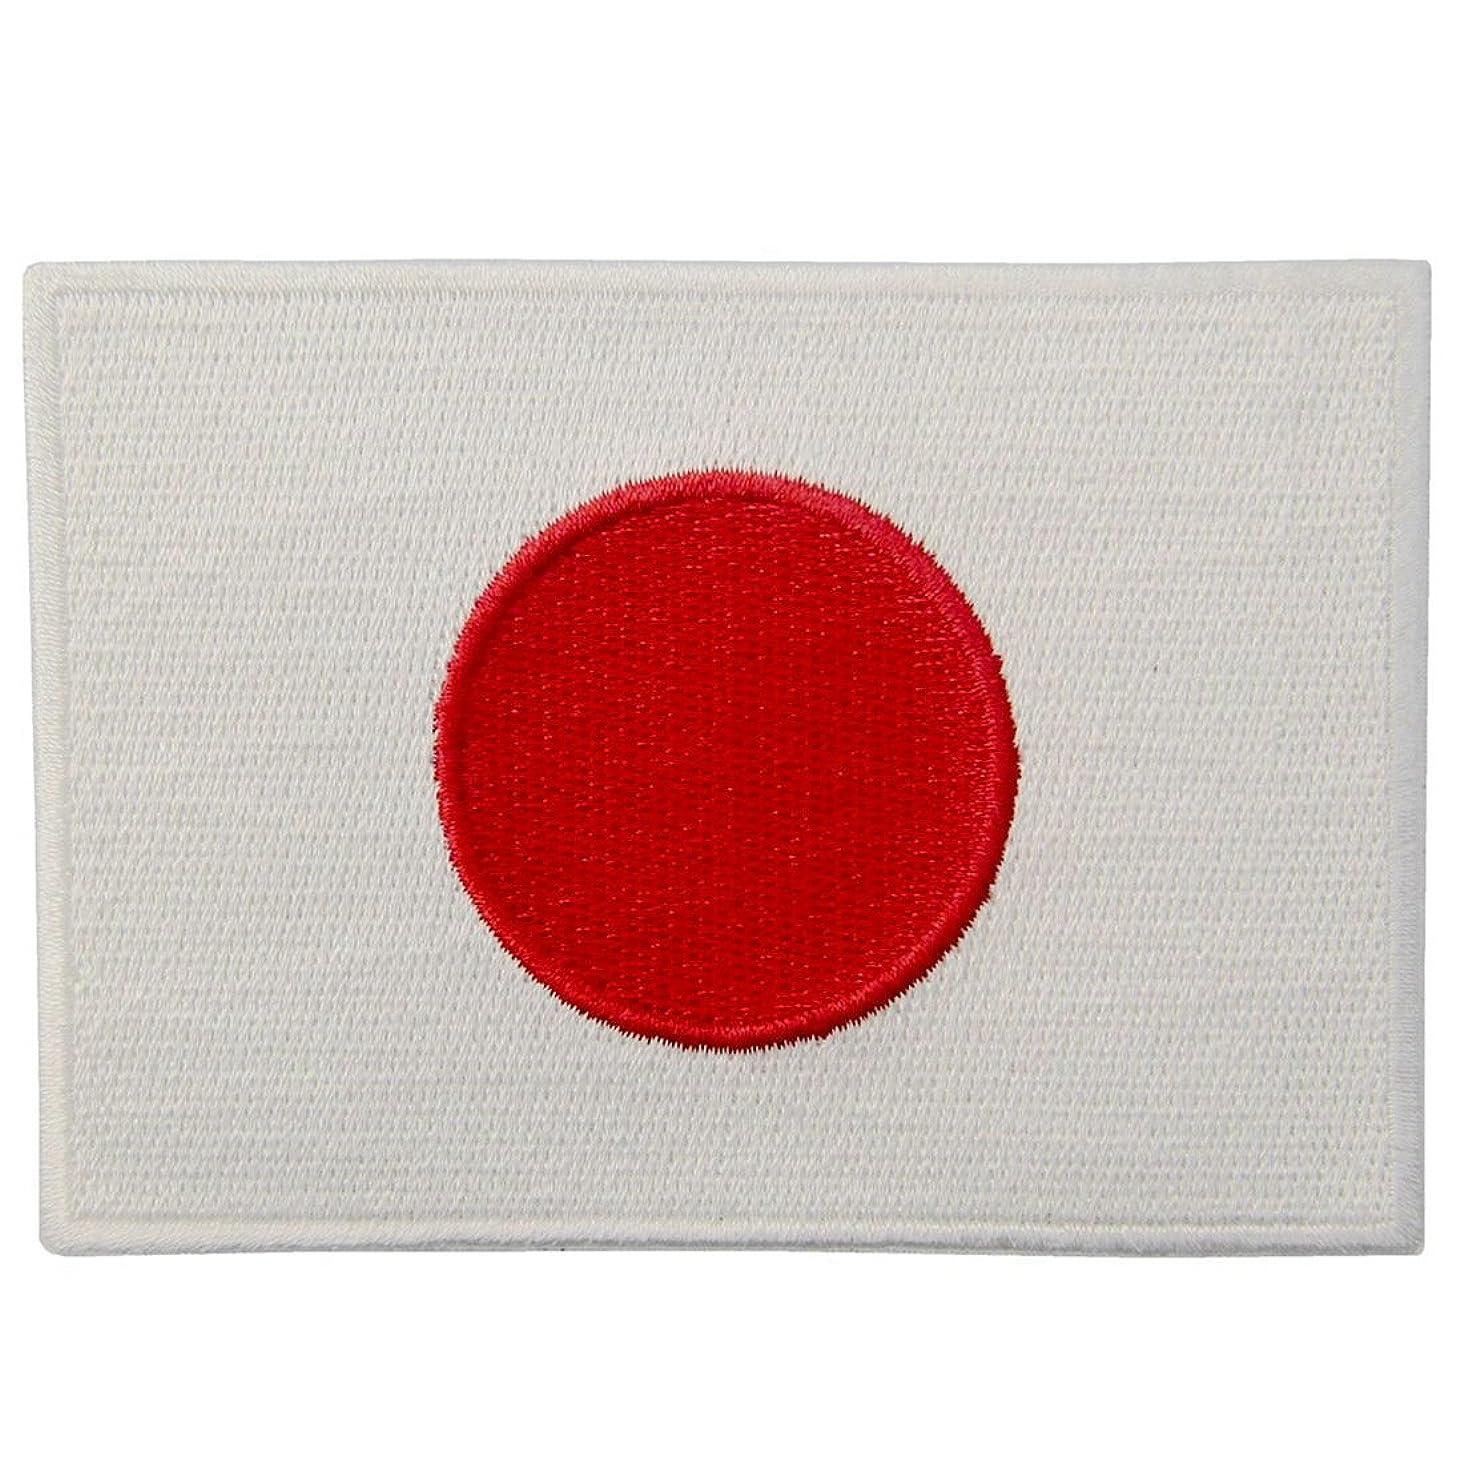 ノーブル足損失日本国旗 紋章 日の丸 アップリケ 刺繍入りアイロン貼り付け/縫い付けワッペン